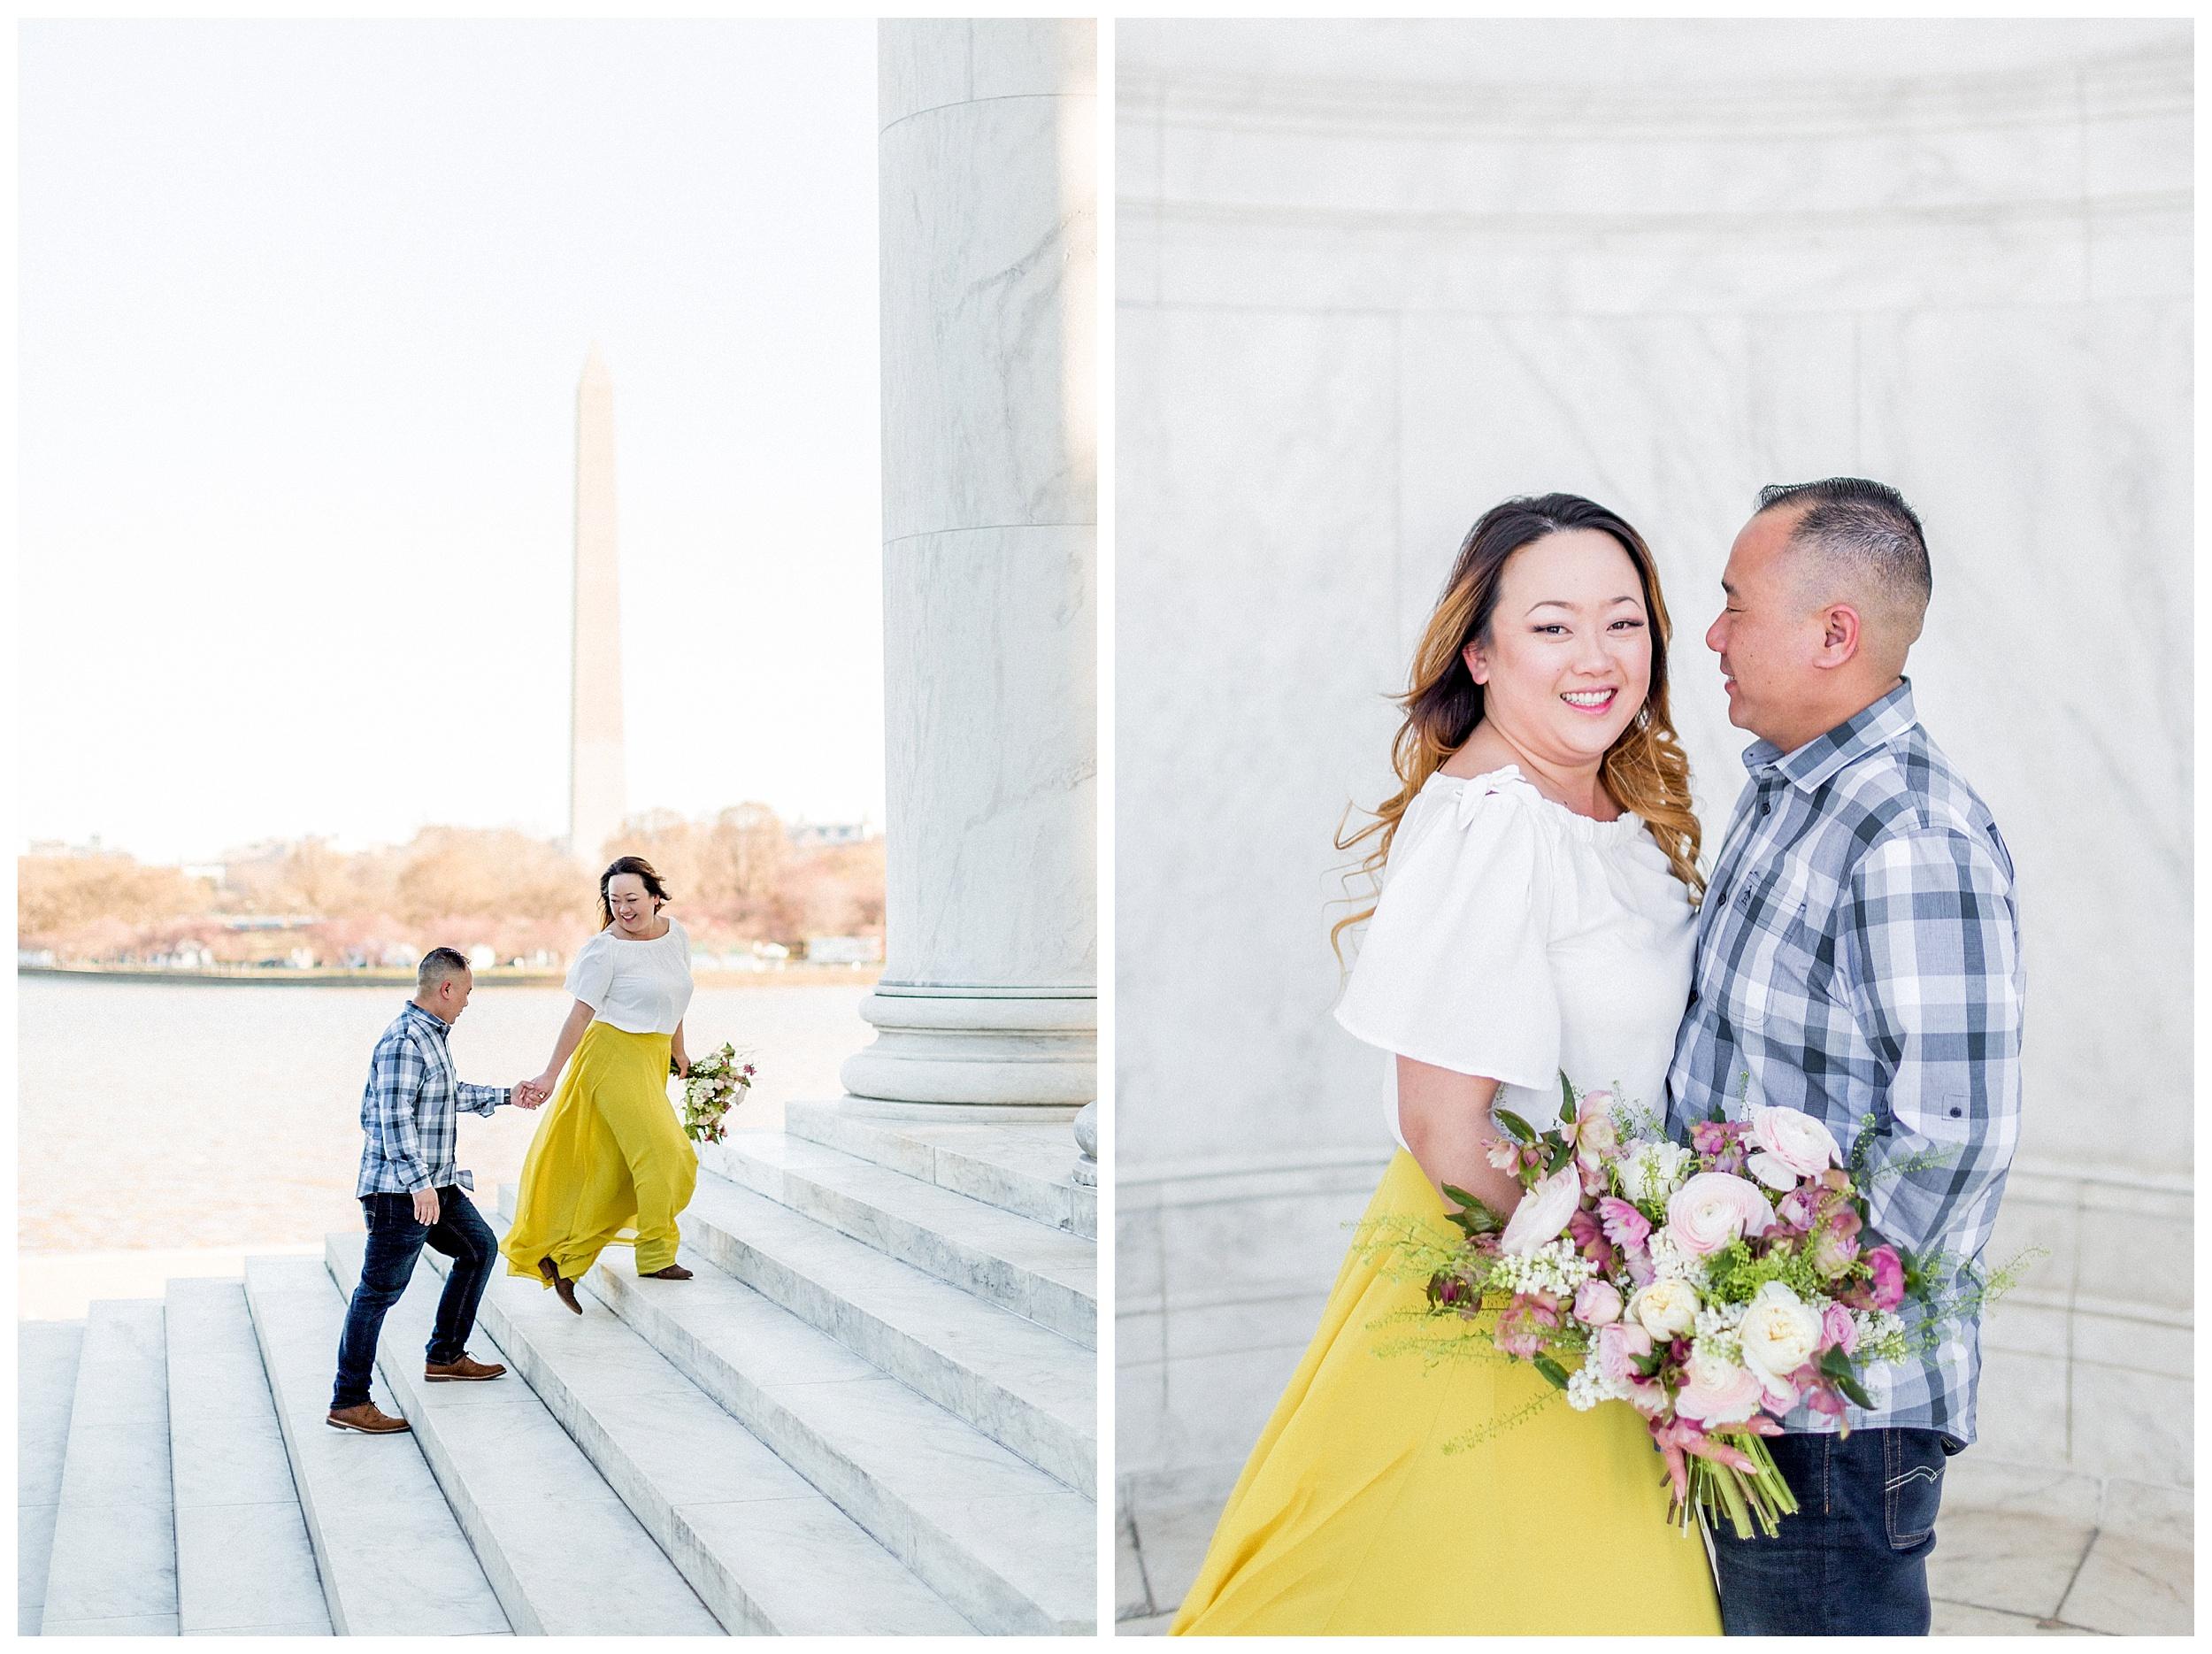 Washington DC Engagement Photos | Thomas Jefferson Engagement Session_0008.jpg